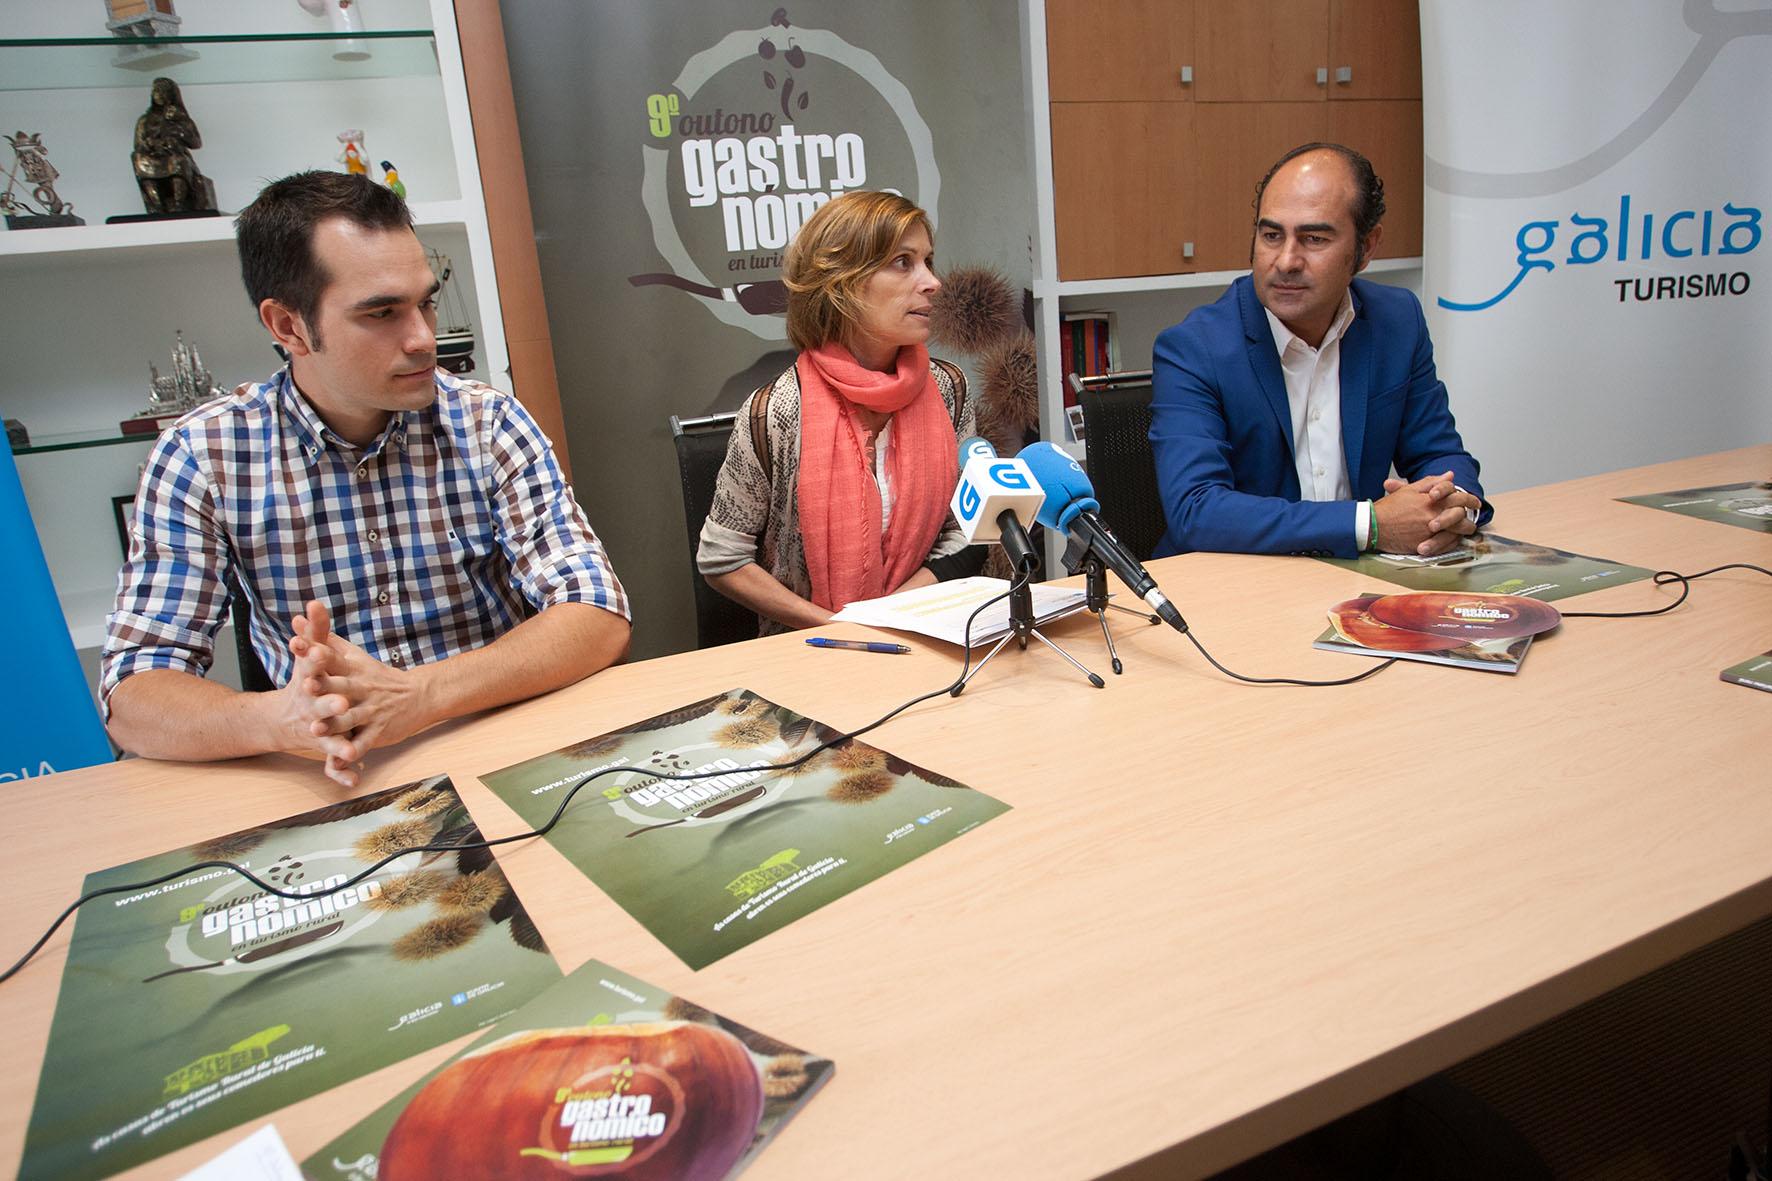 Un total de 89 casas de turismo rural participan na 9ª edición do Outono Gastronómico